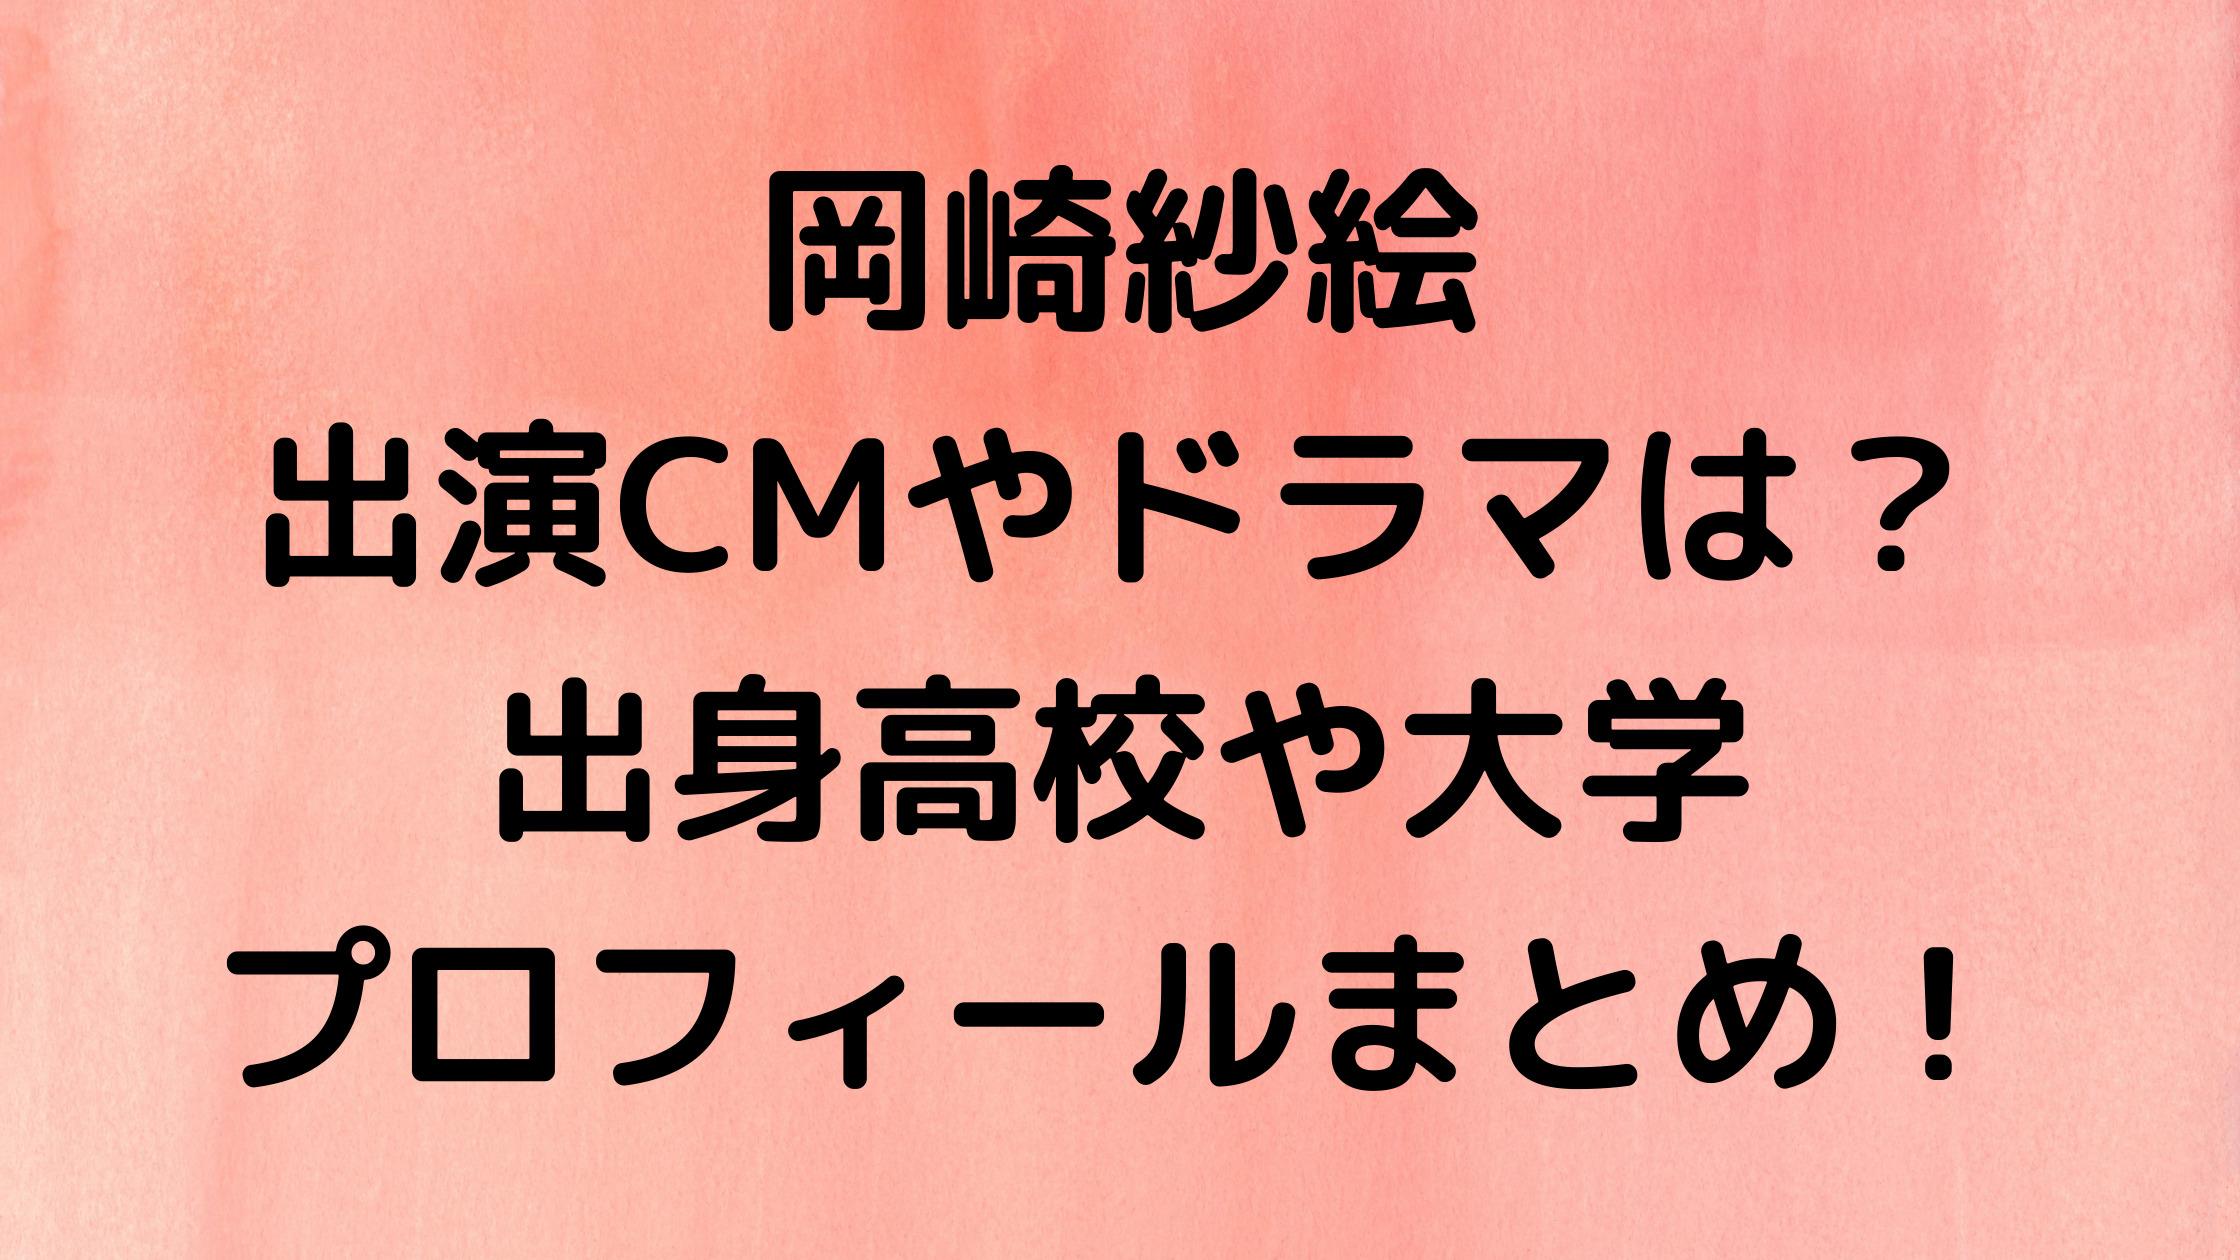 岡崎紗絵の出演CMやドラマは?出身高校や大学・年齢などのプロフィールもまとめてみた!